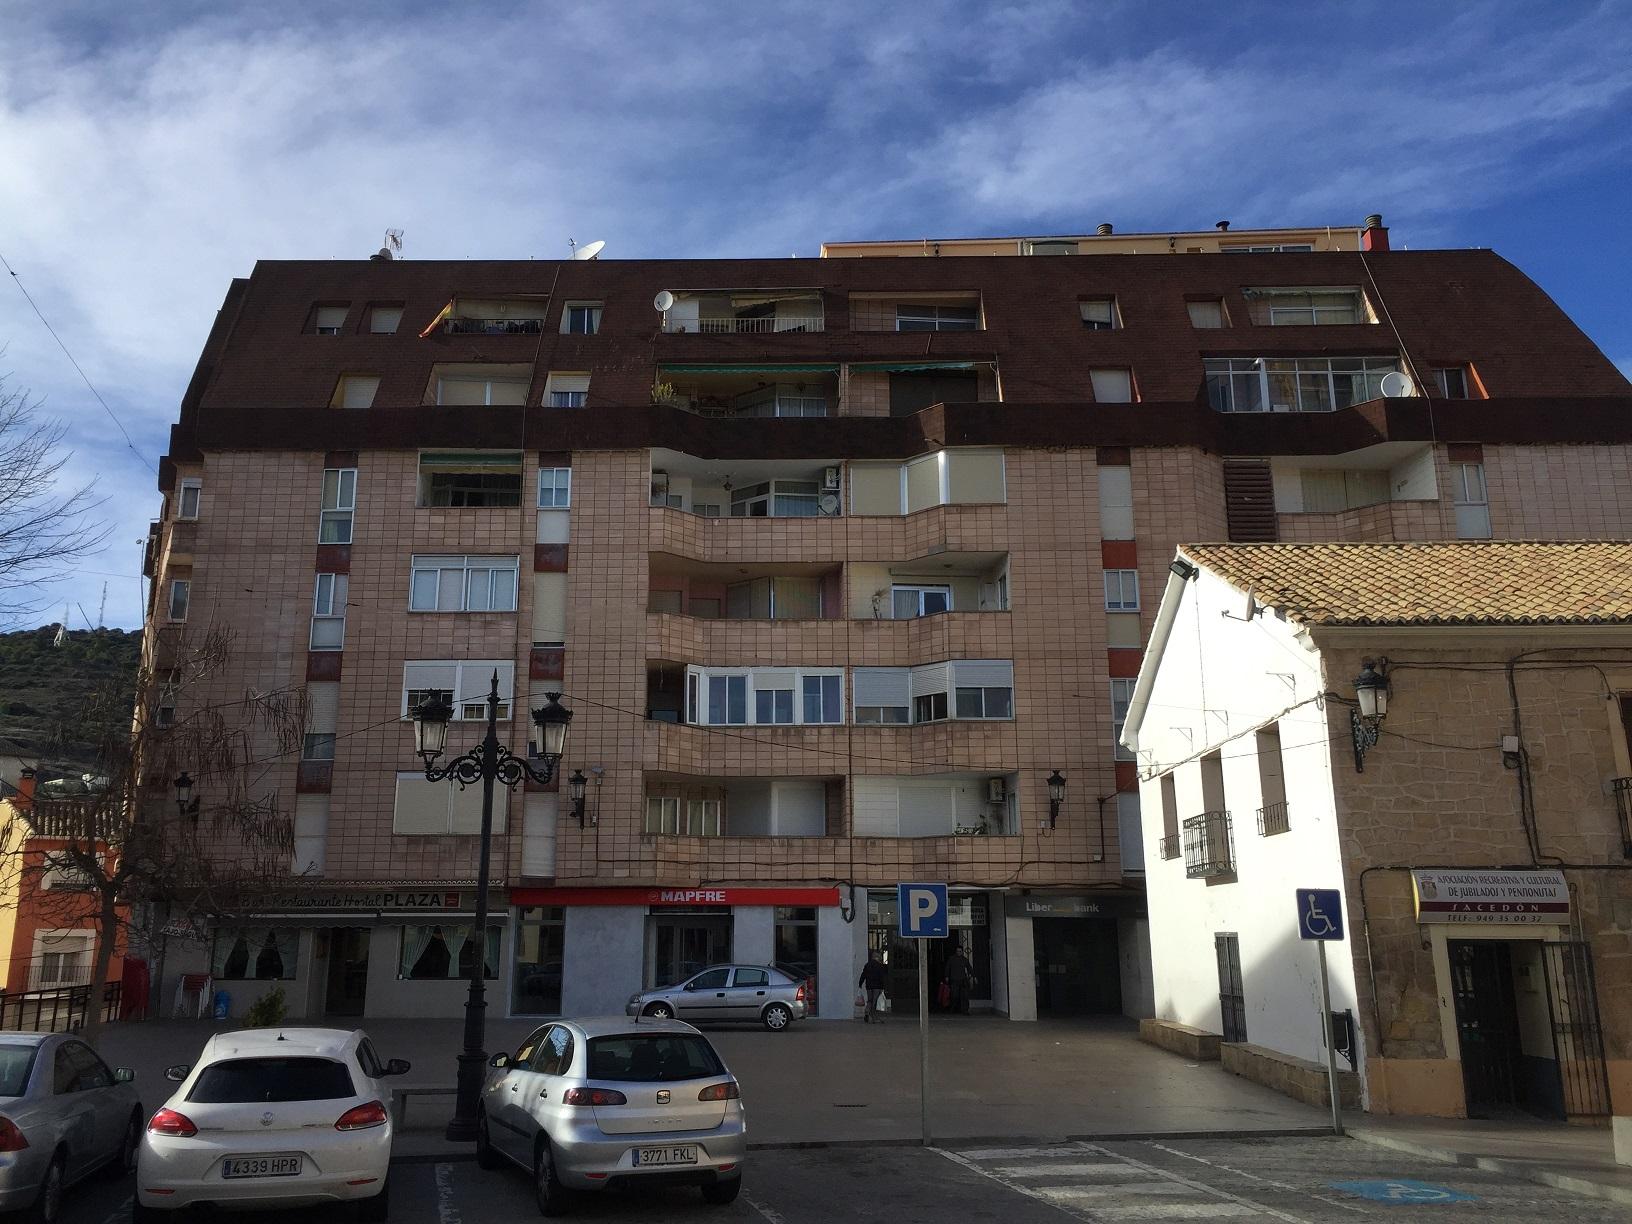 Piso en venta en Sacedón, Guadalajara, Plaza de la Constitucion, 46.000 €, 3 habitaciones, 1 baño, 80 m2